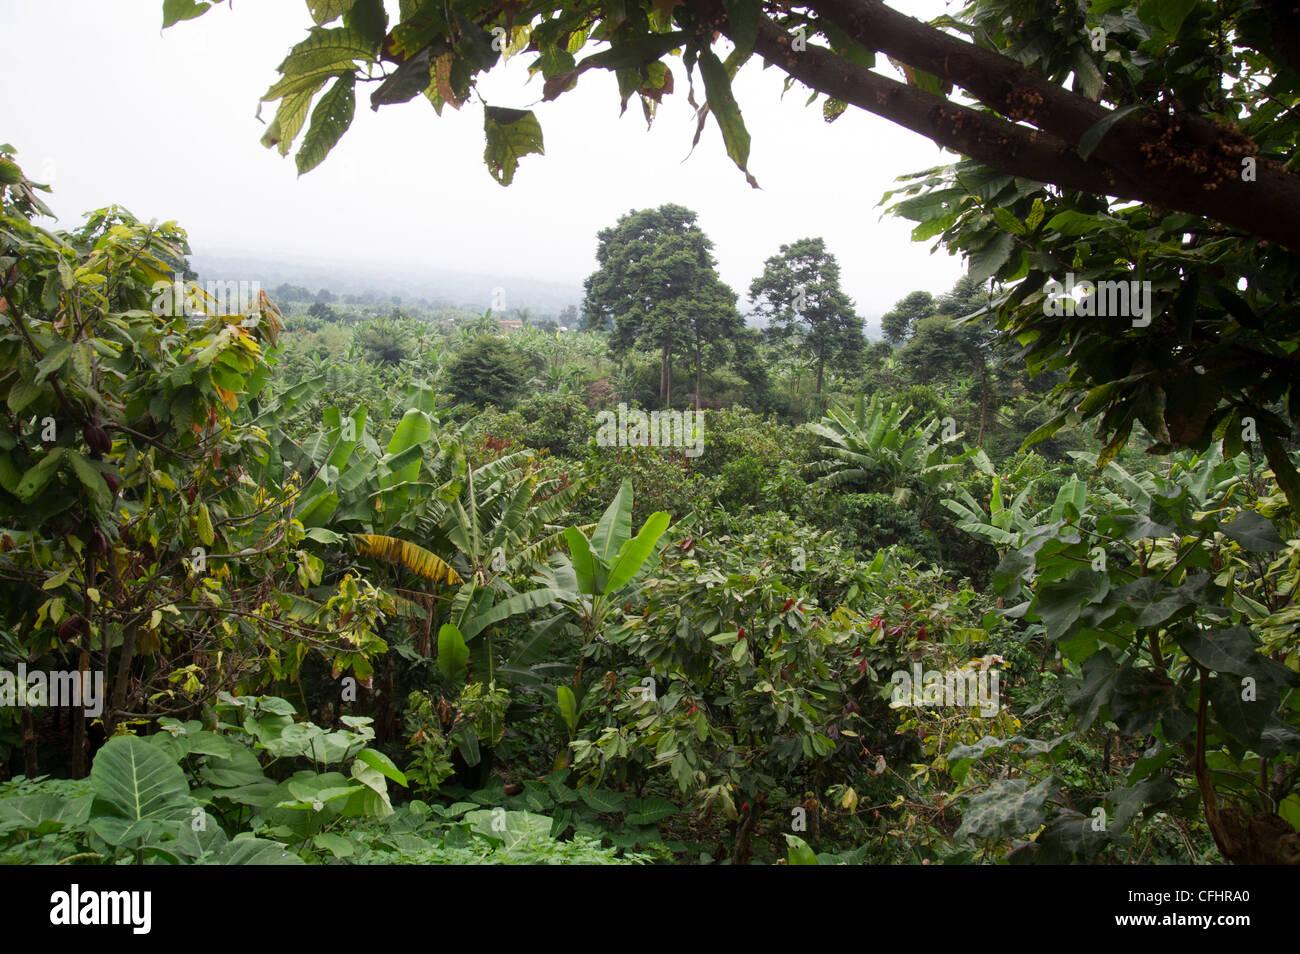 Farm in the Rwenzori Mountains near Bundibugyo, western Uganda. - Stock Image